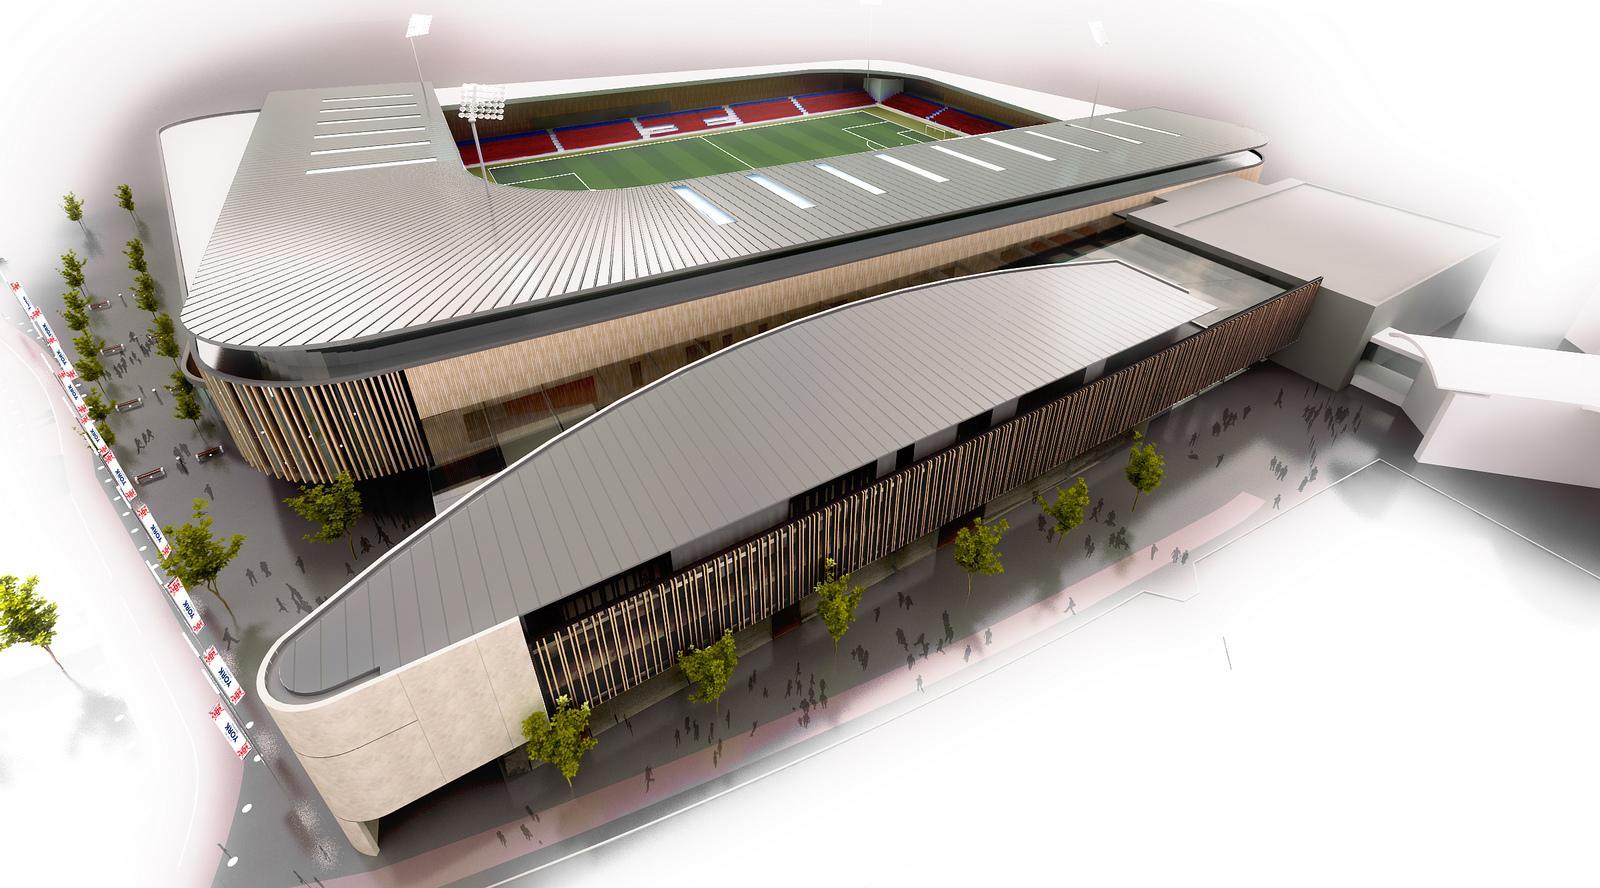 Madison Square Garden: Design: York Community Stadium